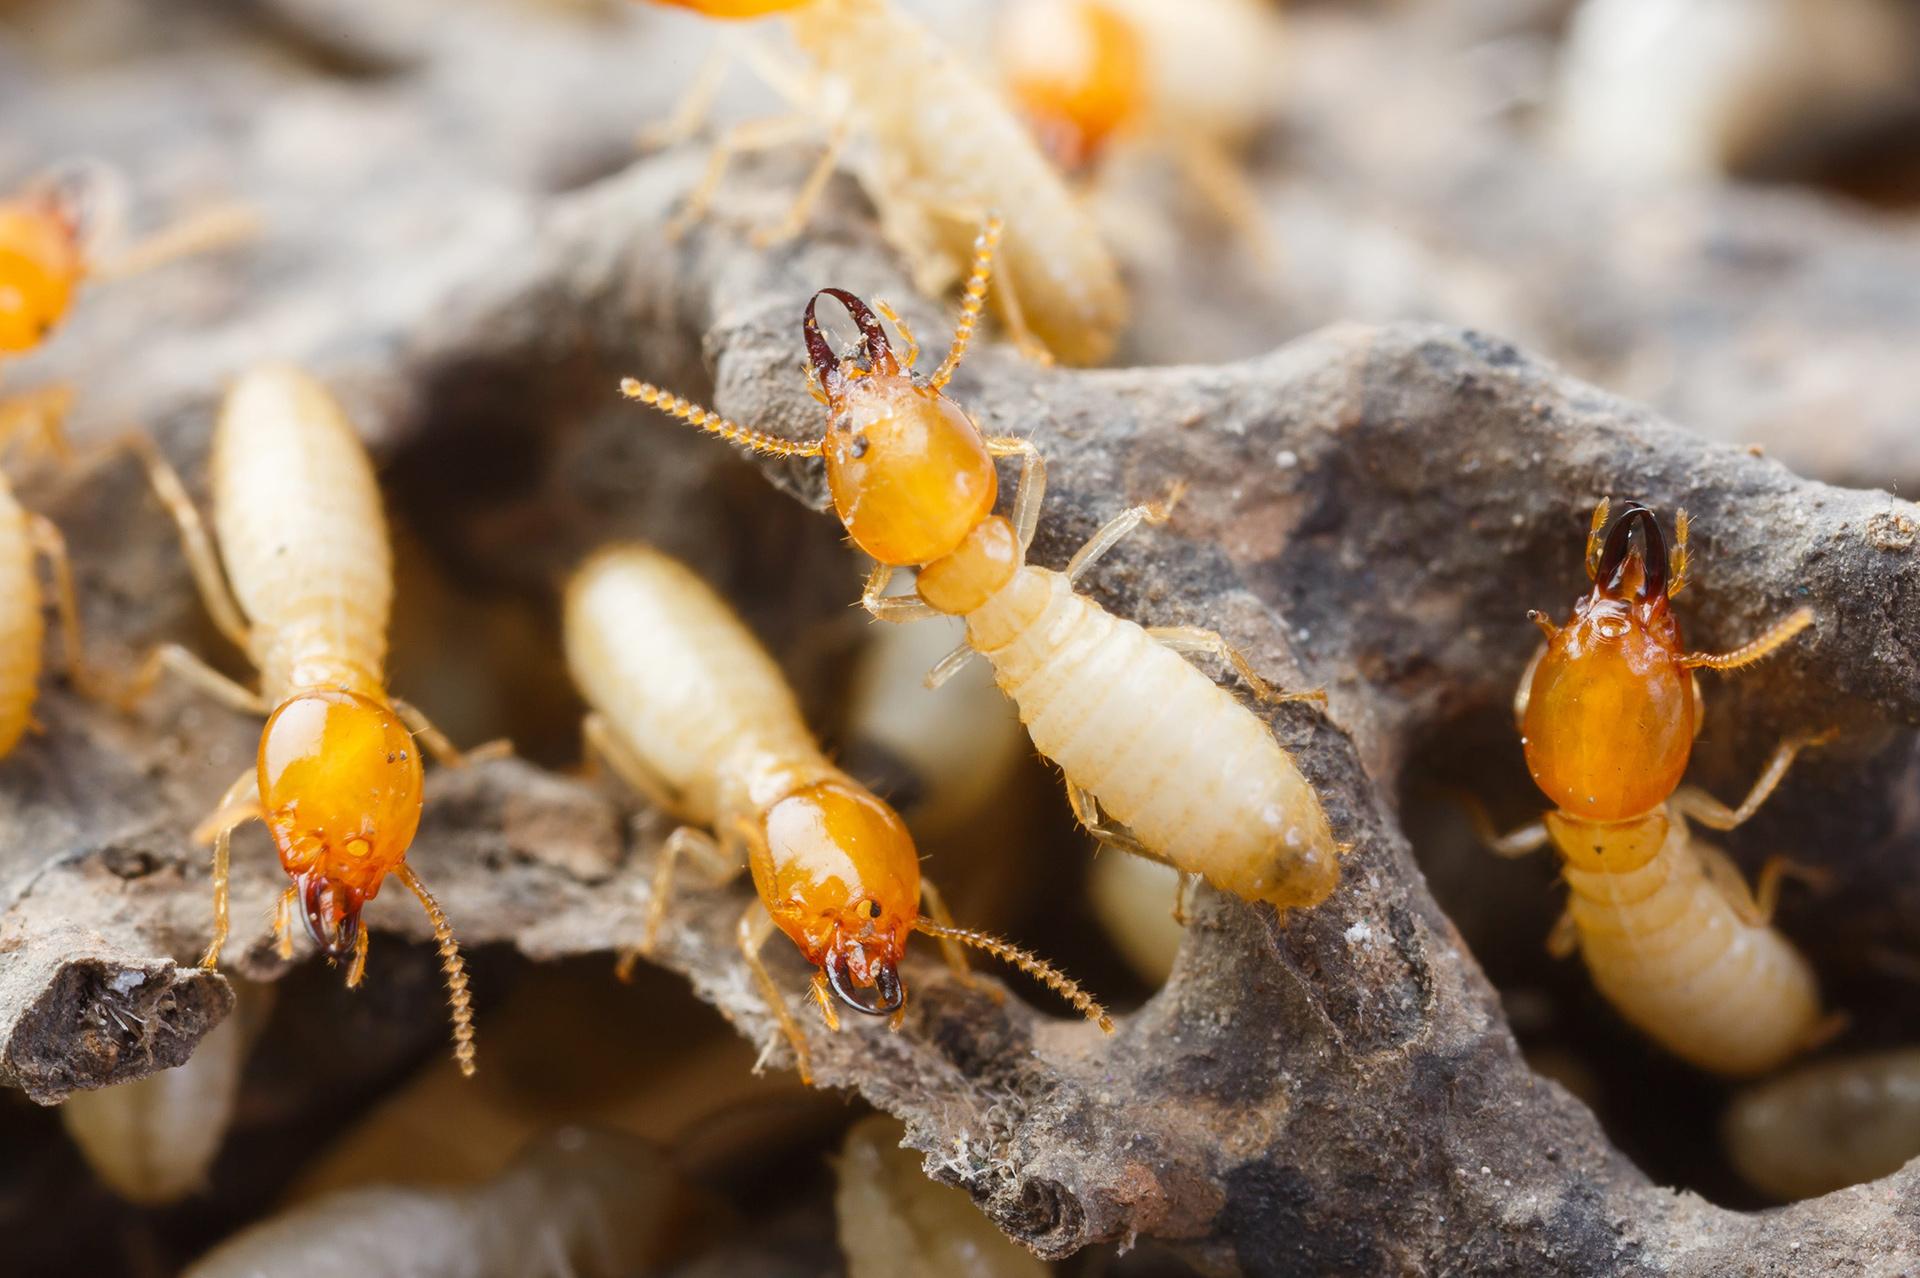 Plaga de Termitas en Casa